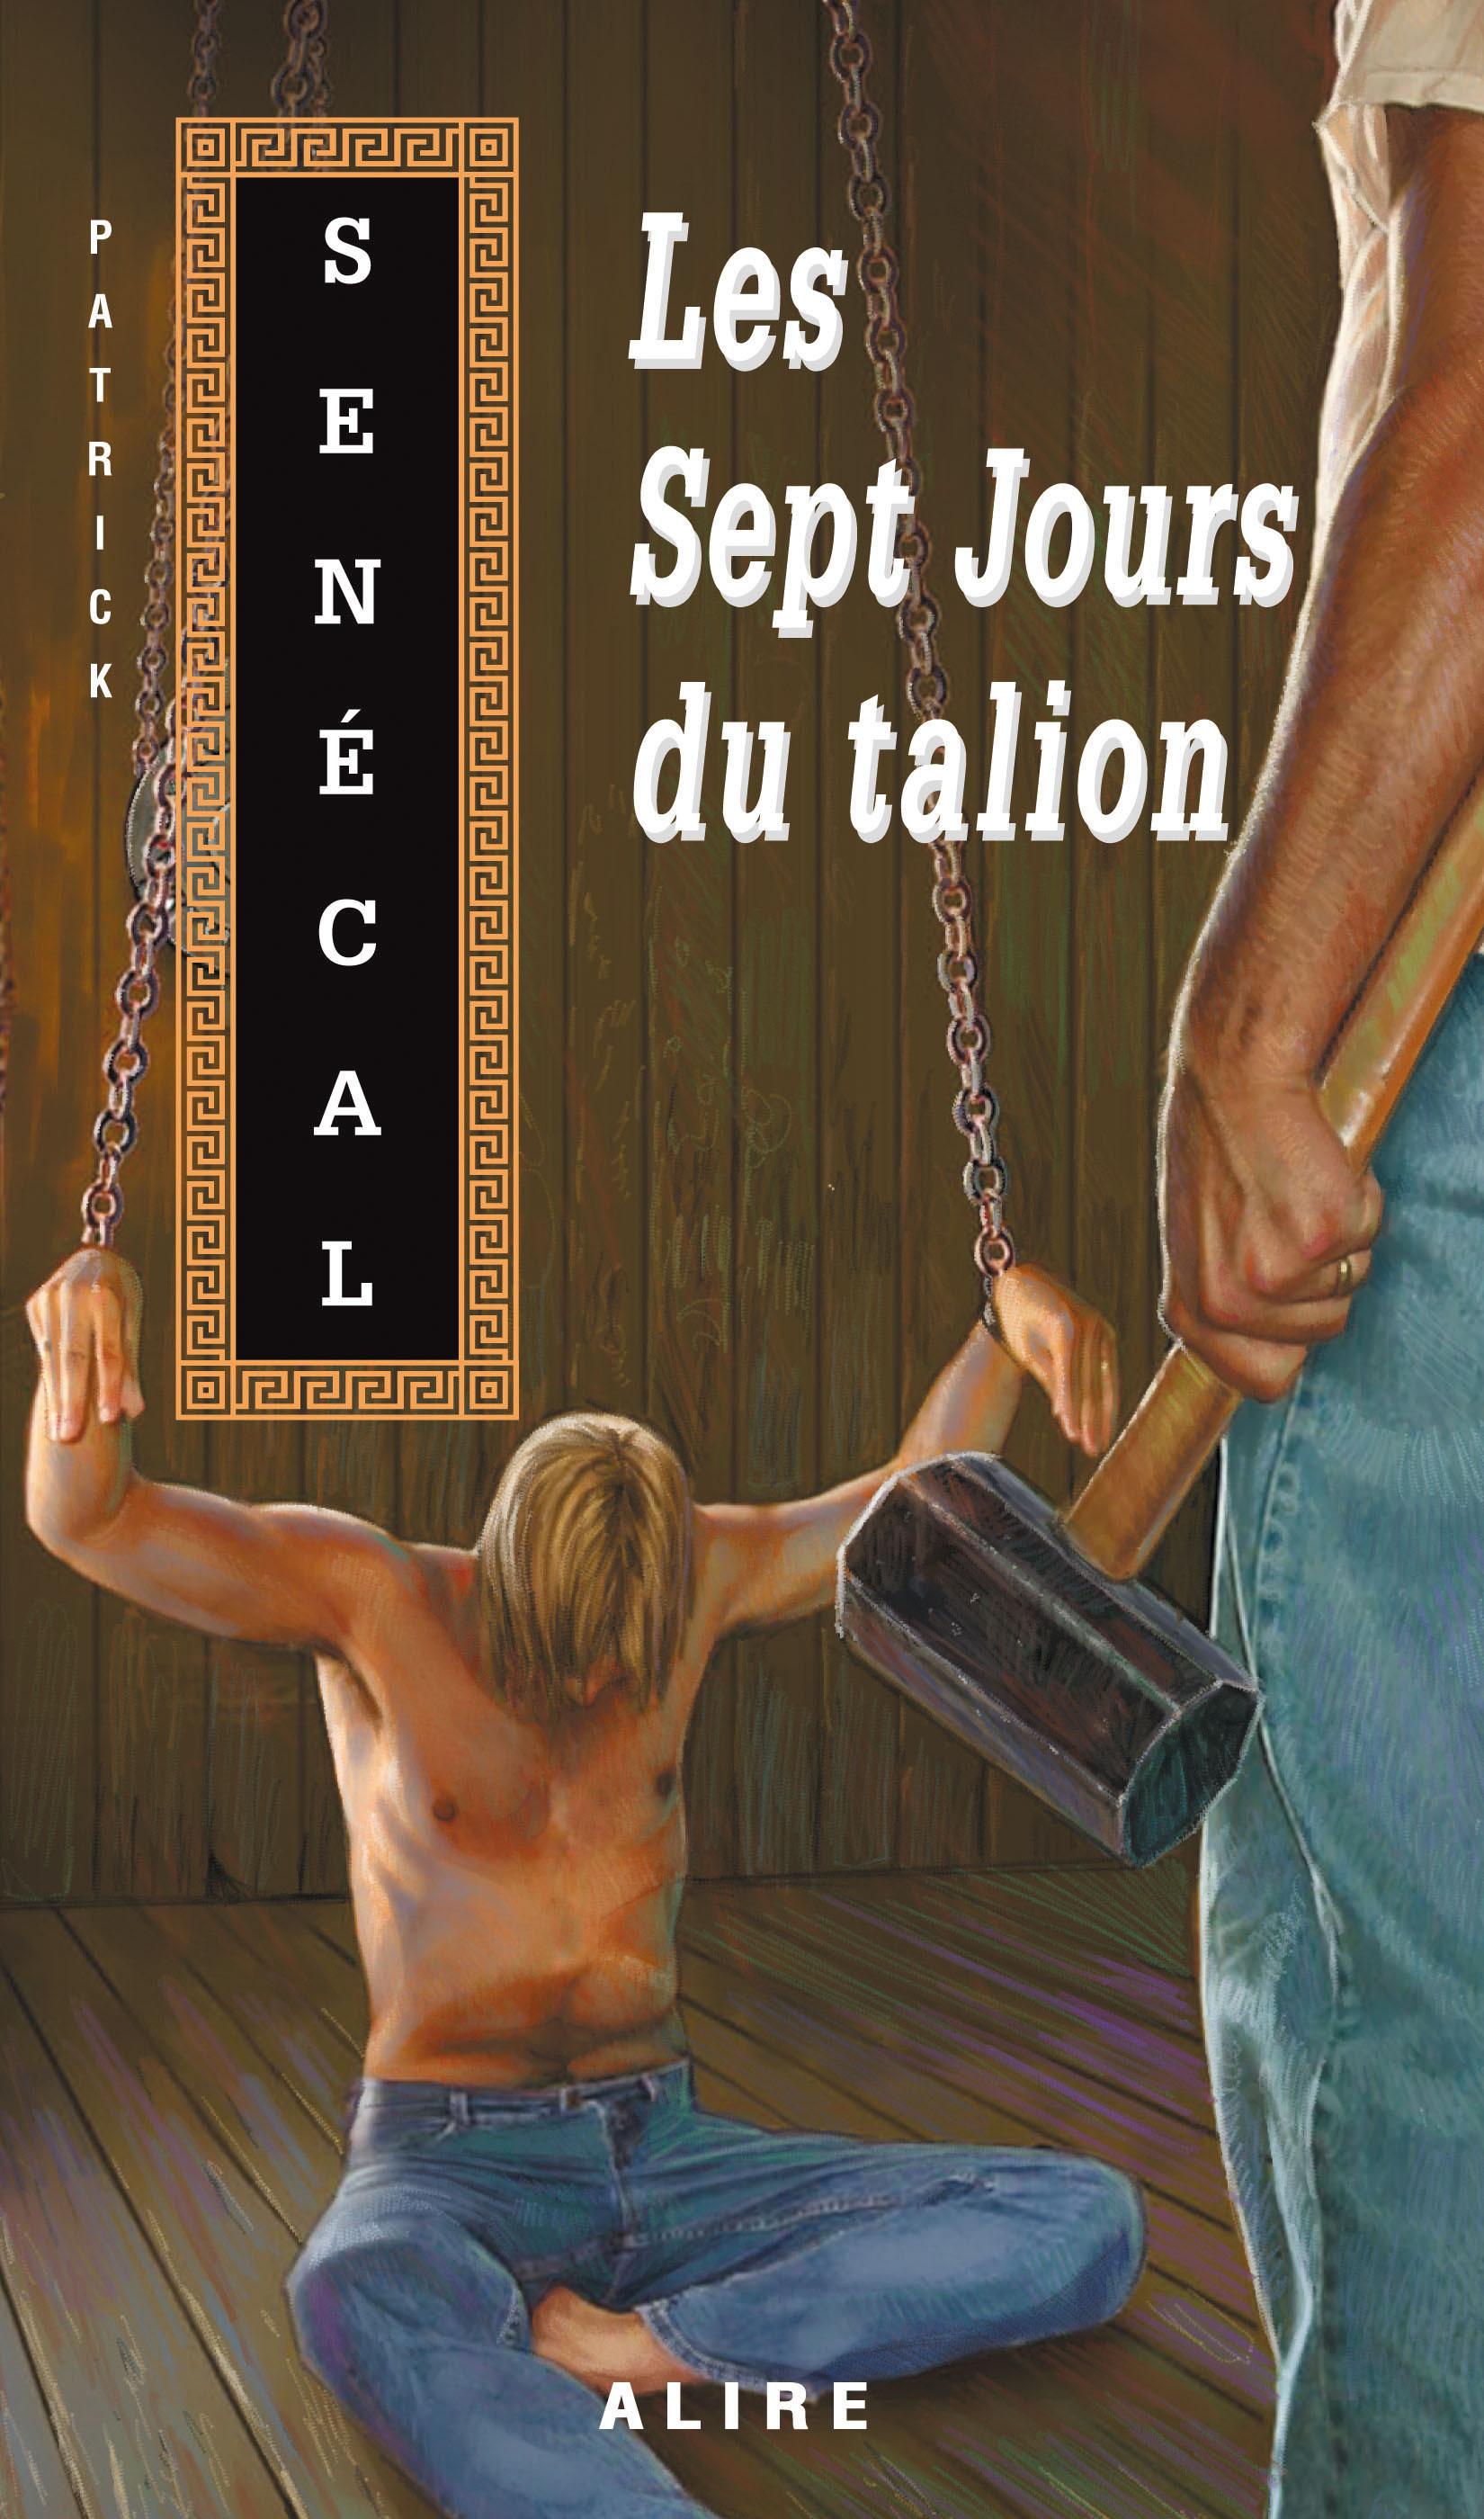 Sept Jours du talion (Les)